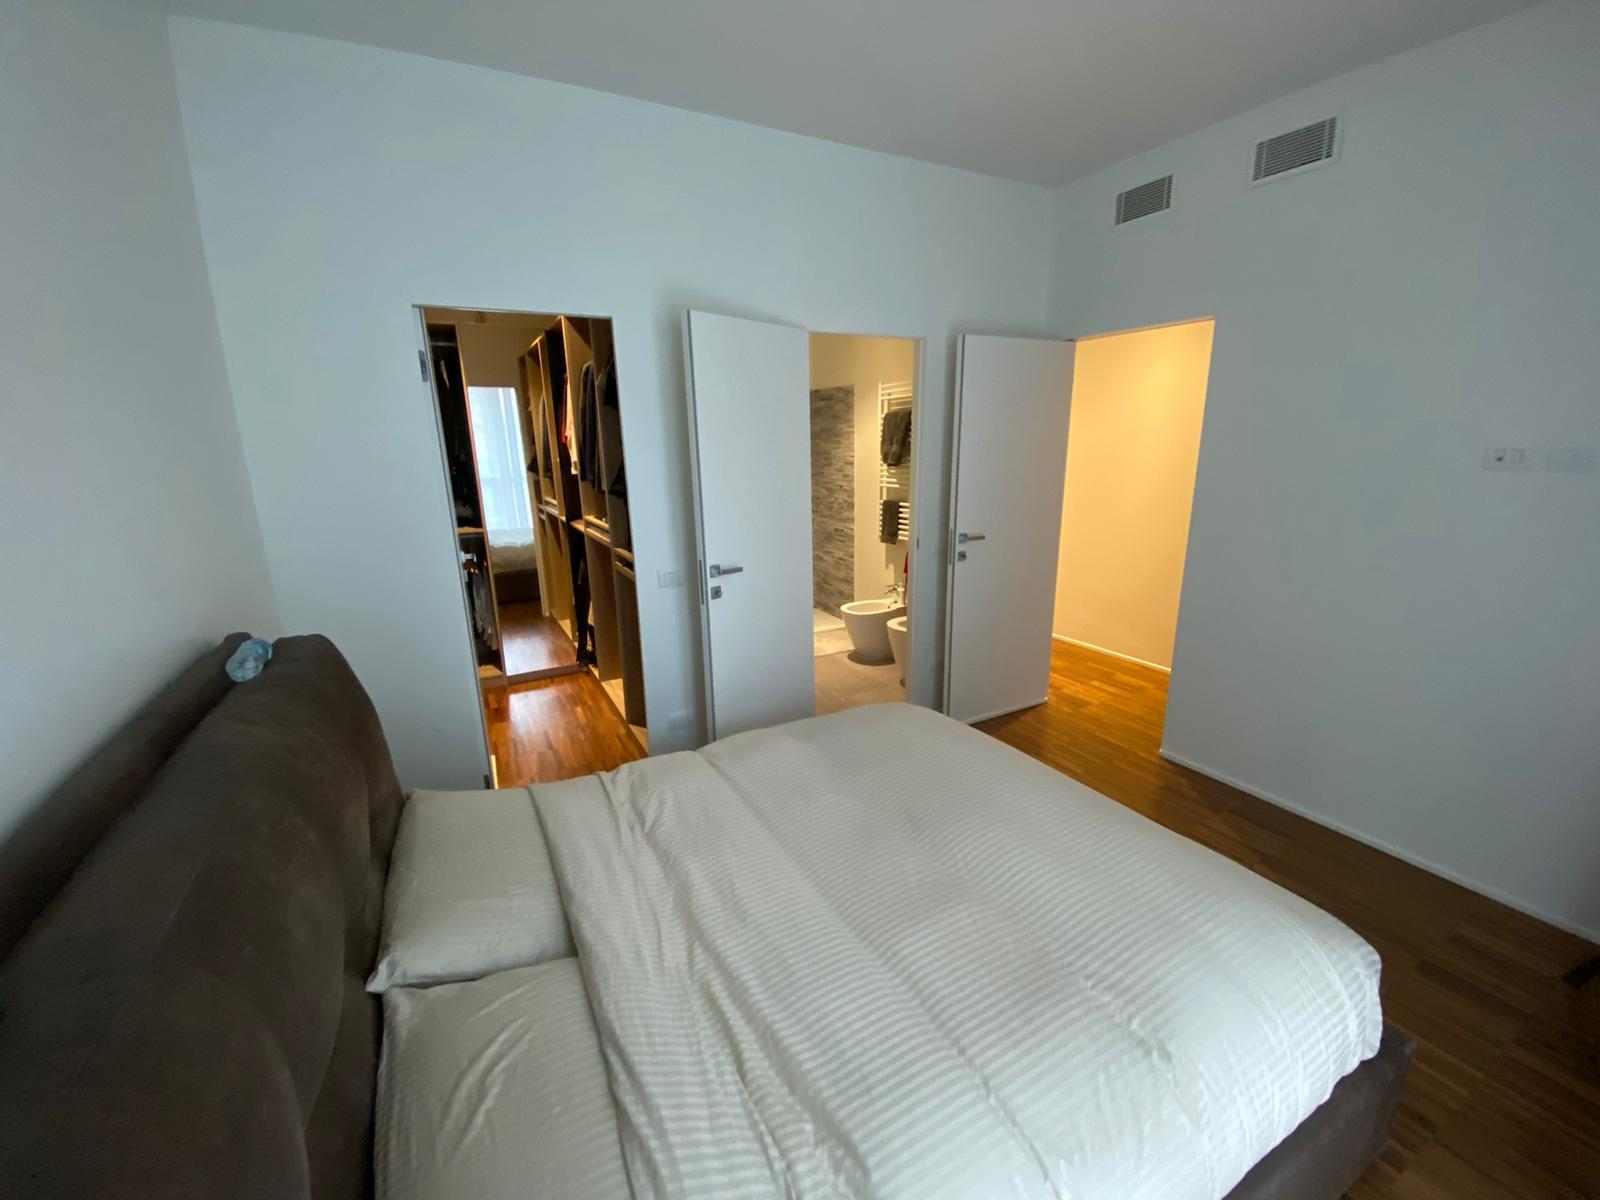 Appartamento-in-vendita-3-tre-locali-terrazzo-giardino-nuova-costruzione-spaziourbano-immobiliare-vende-milano-15